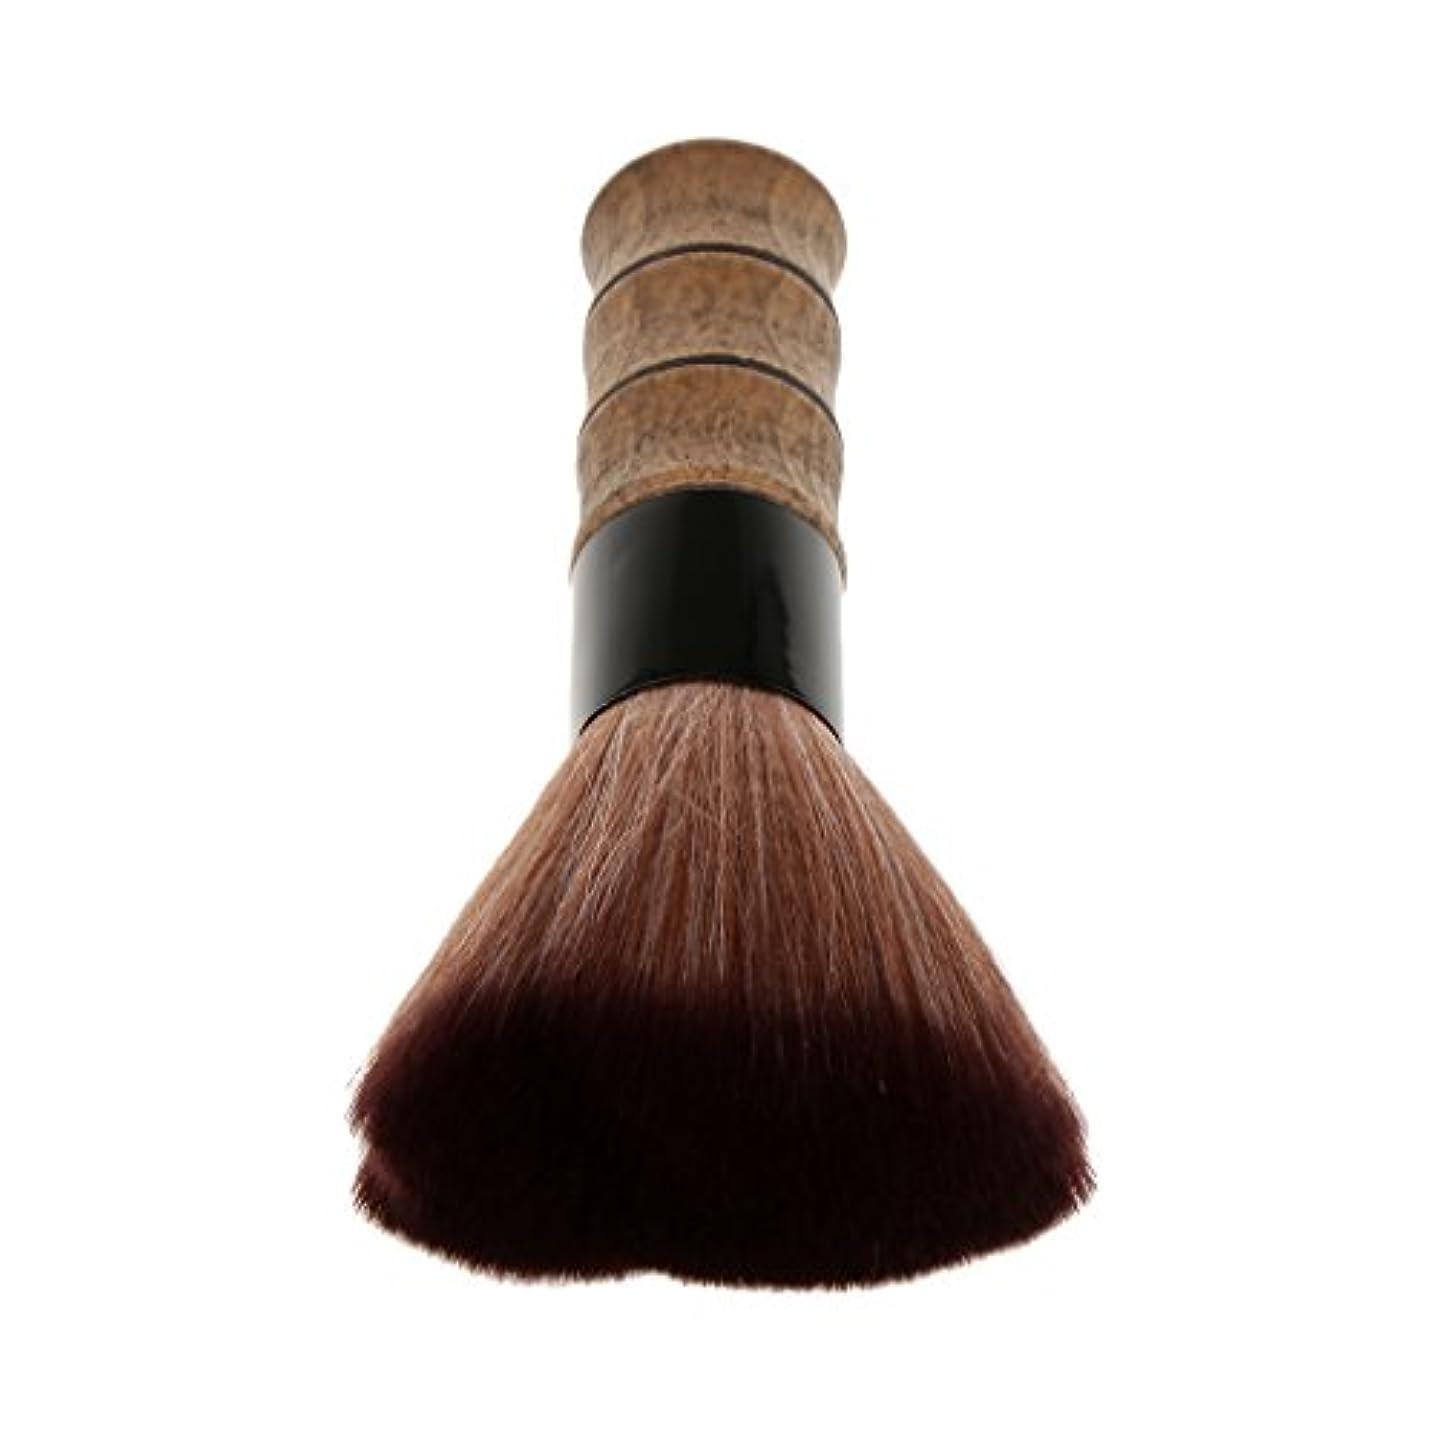 裁定ホストさわやかシェービングブラシ 洗顔 美容ブラシ メイクブラシ ソフトファイバー 竹ハンドル シェービング ブラシ スキンケア メイクアップ 2色選べる - 褐色